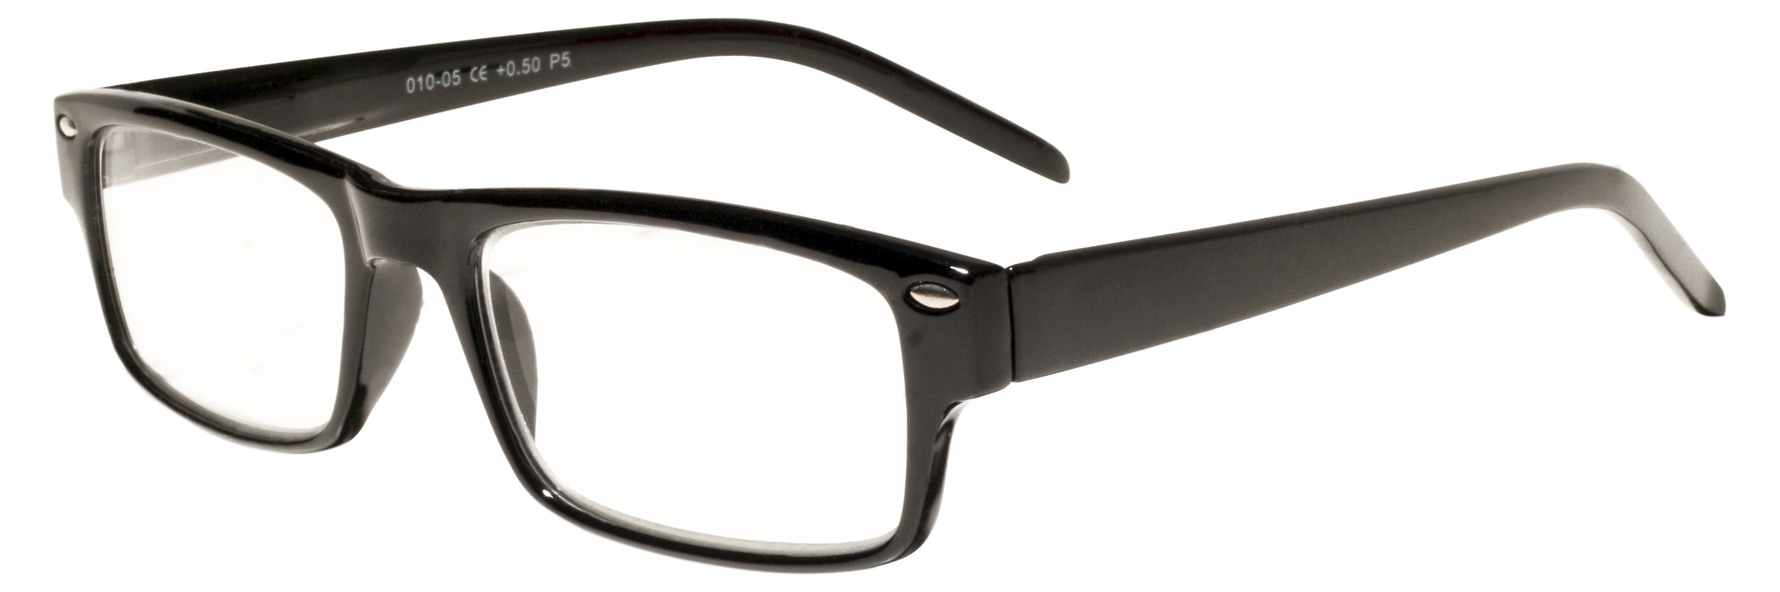 ba01227242a4 Prestige P5 Black læsebrille